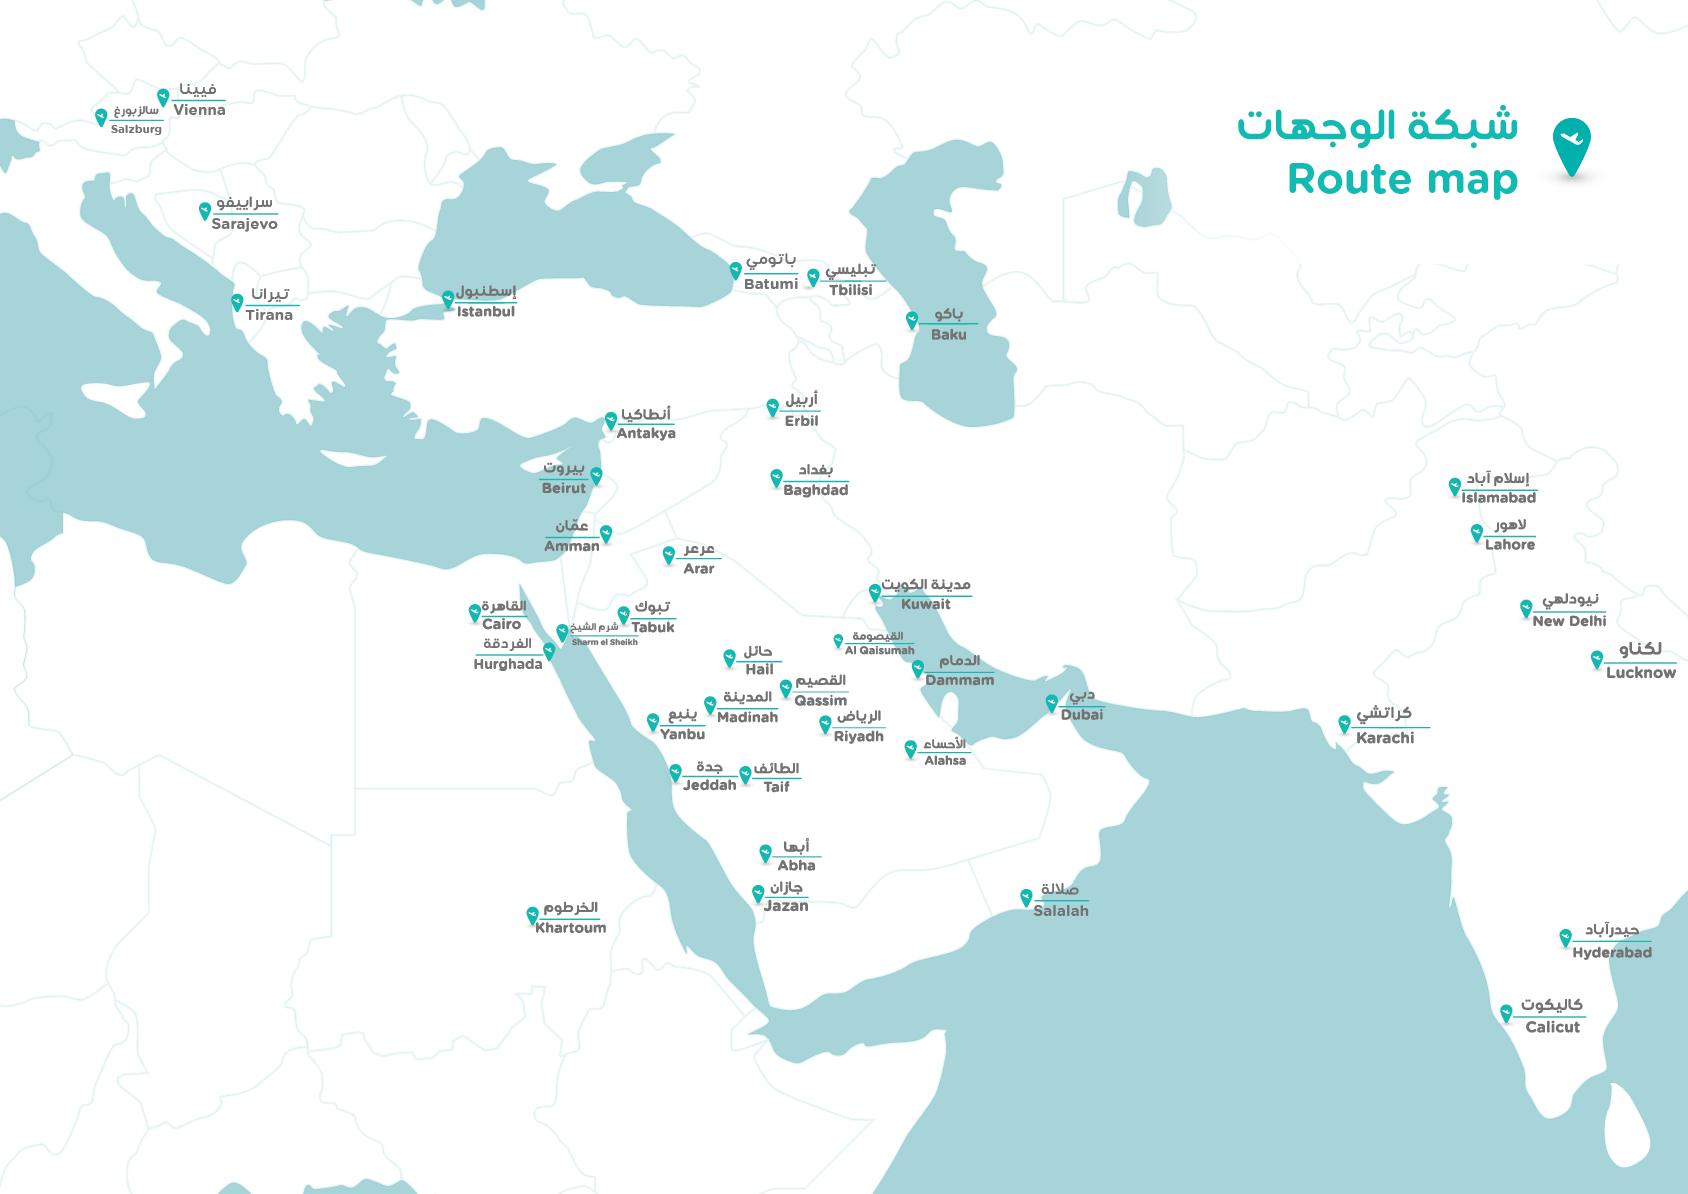 خريطة وجهات طيران ناس